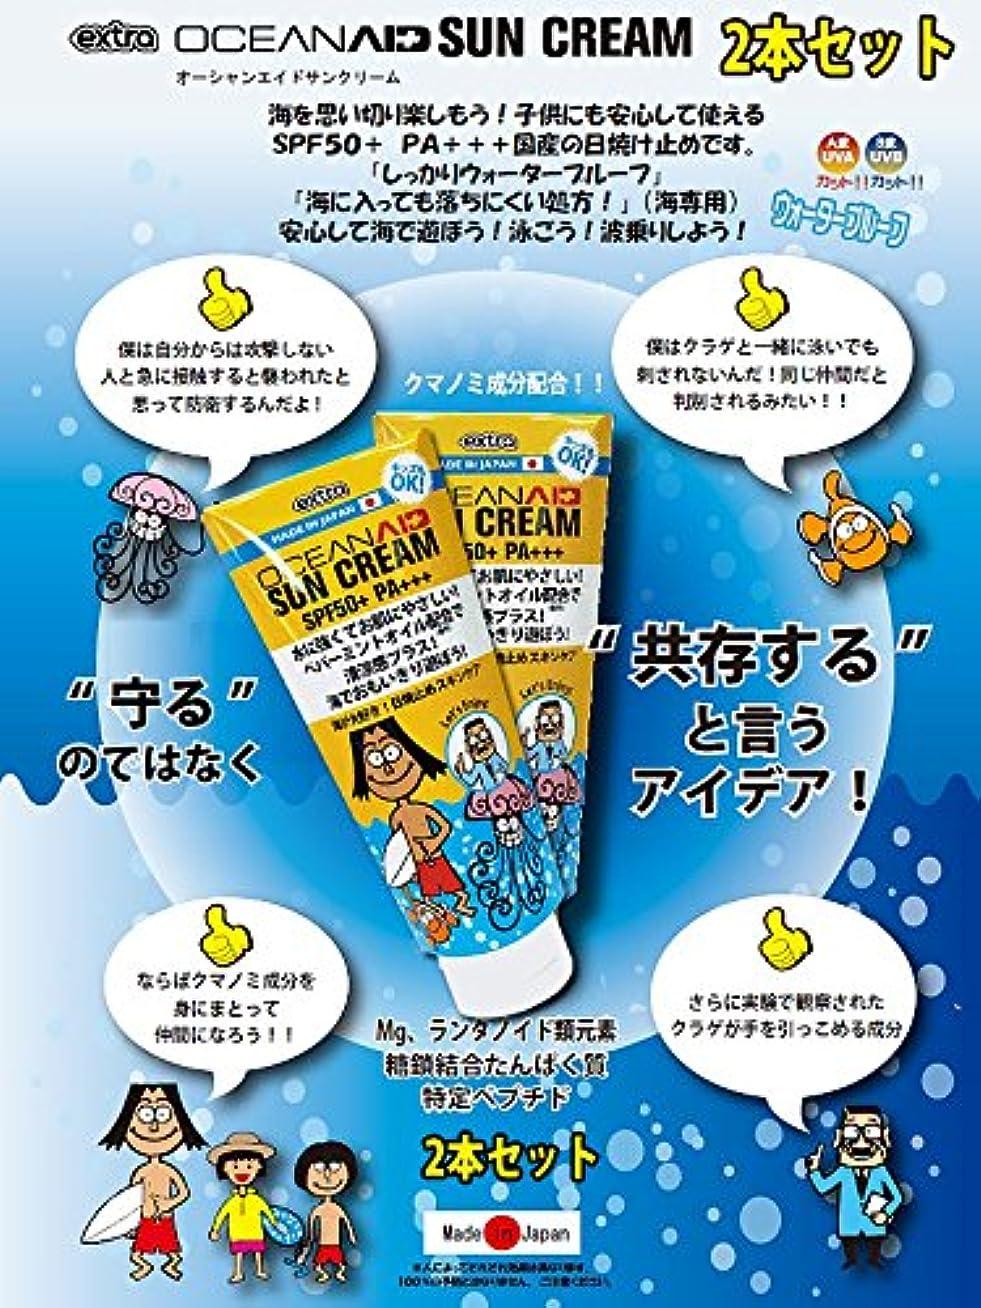 グローバルそして光沢【EXTRAエクストラ】オーシャンエイドサンクリーム2本セット、お子様にも安心!海専用 ウォータープルーフ仕様の日焼け止め